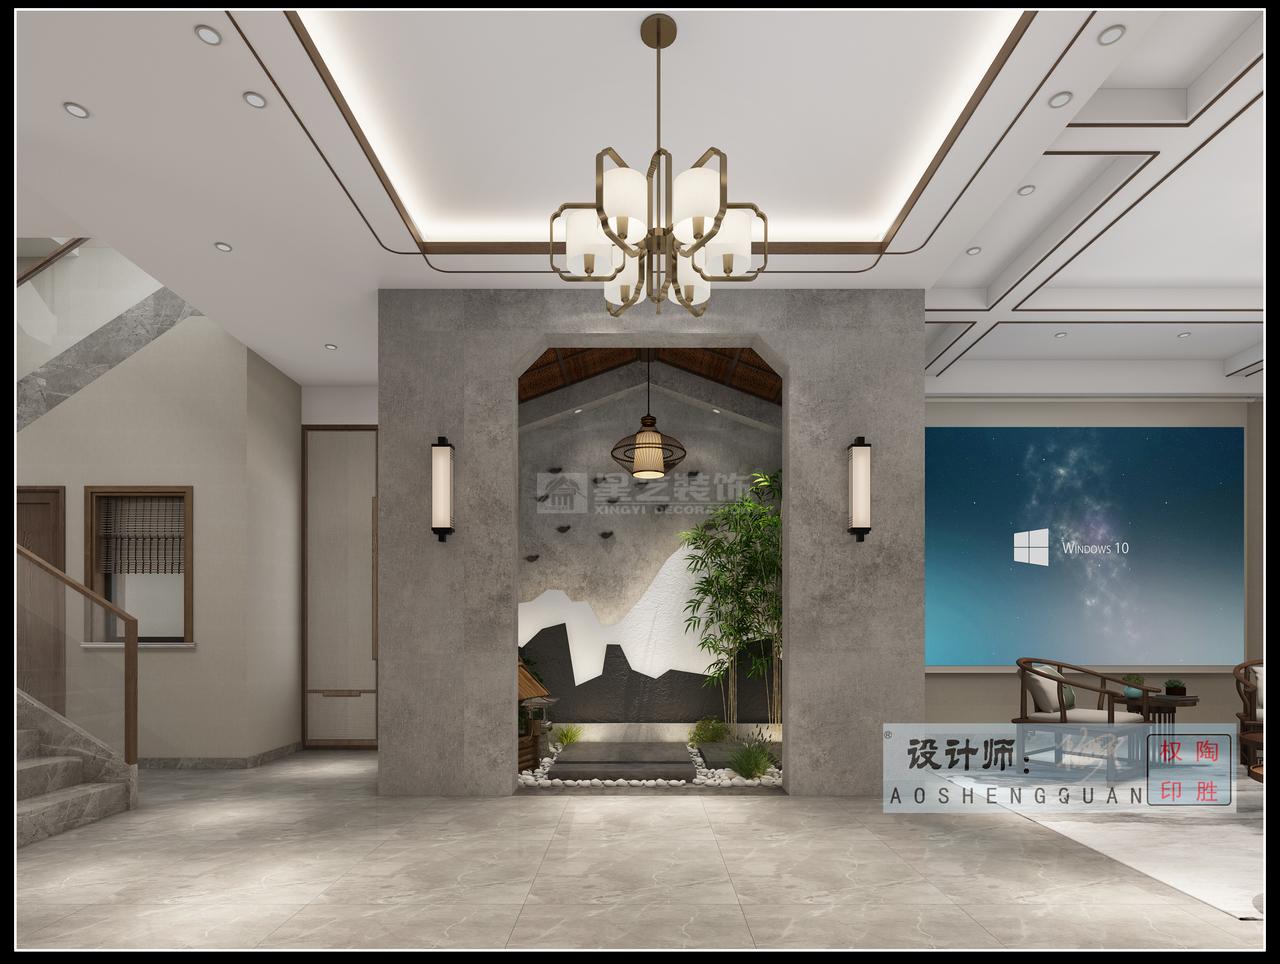 贵阳美的林城时代新中式与轻奢风的巧妙碰撞的现代中式风格,彰显永恒美感!整体设计优雅大气、浑然一体,并利用陶瓷、字画、茶器、盆栽等富有古典韵味的物件,来丰富整个空间层次,完美展现中国传统艺术的永恒美感。